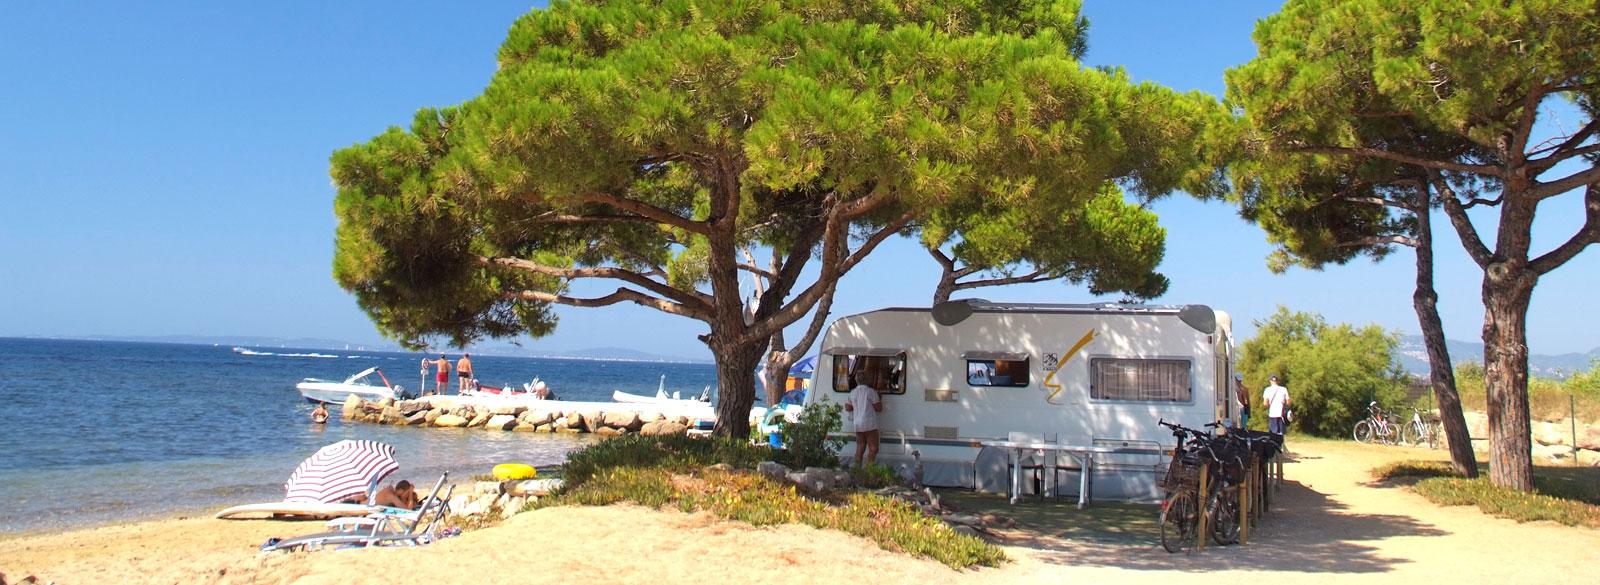 campingplatz fort de bregancon